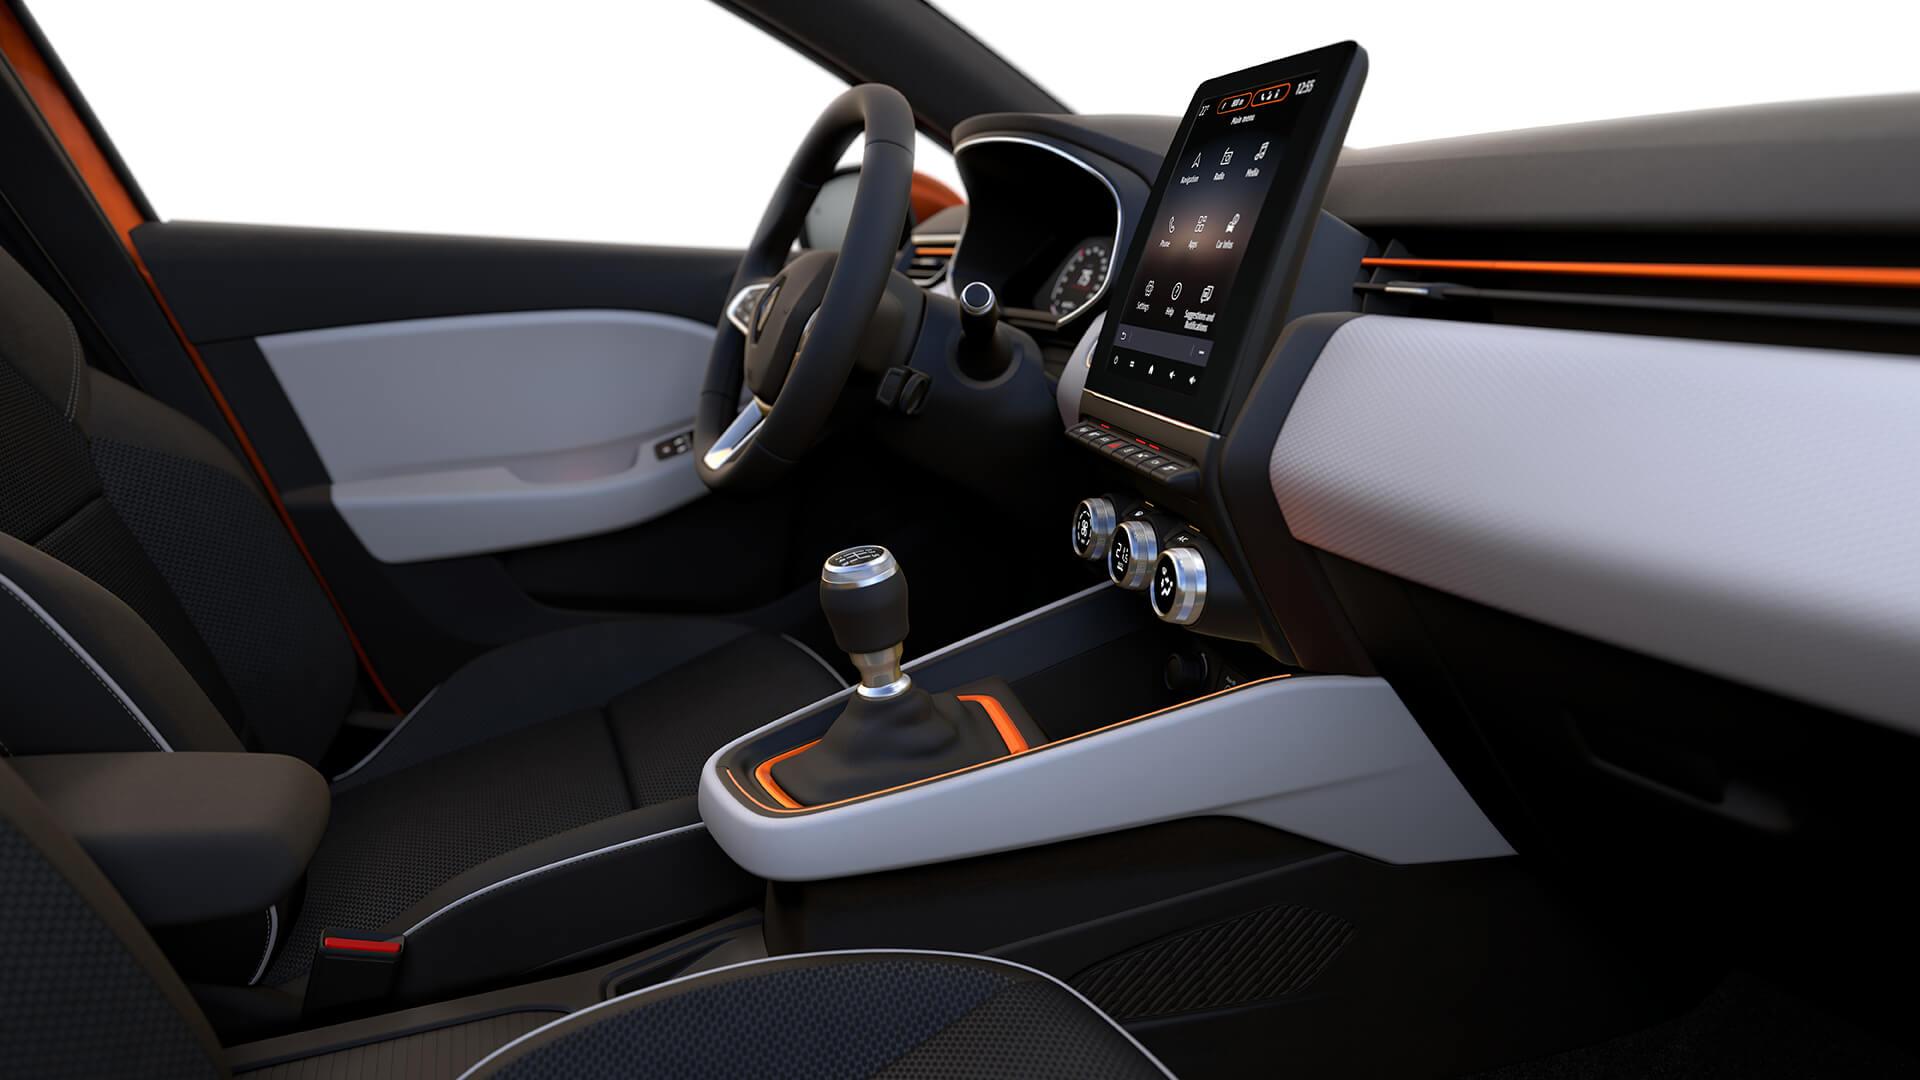 Renault Clio interior Intens